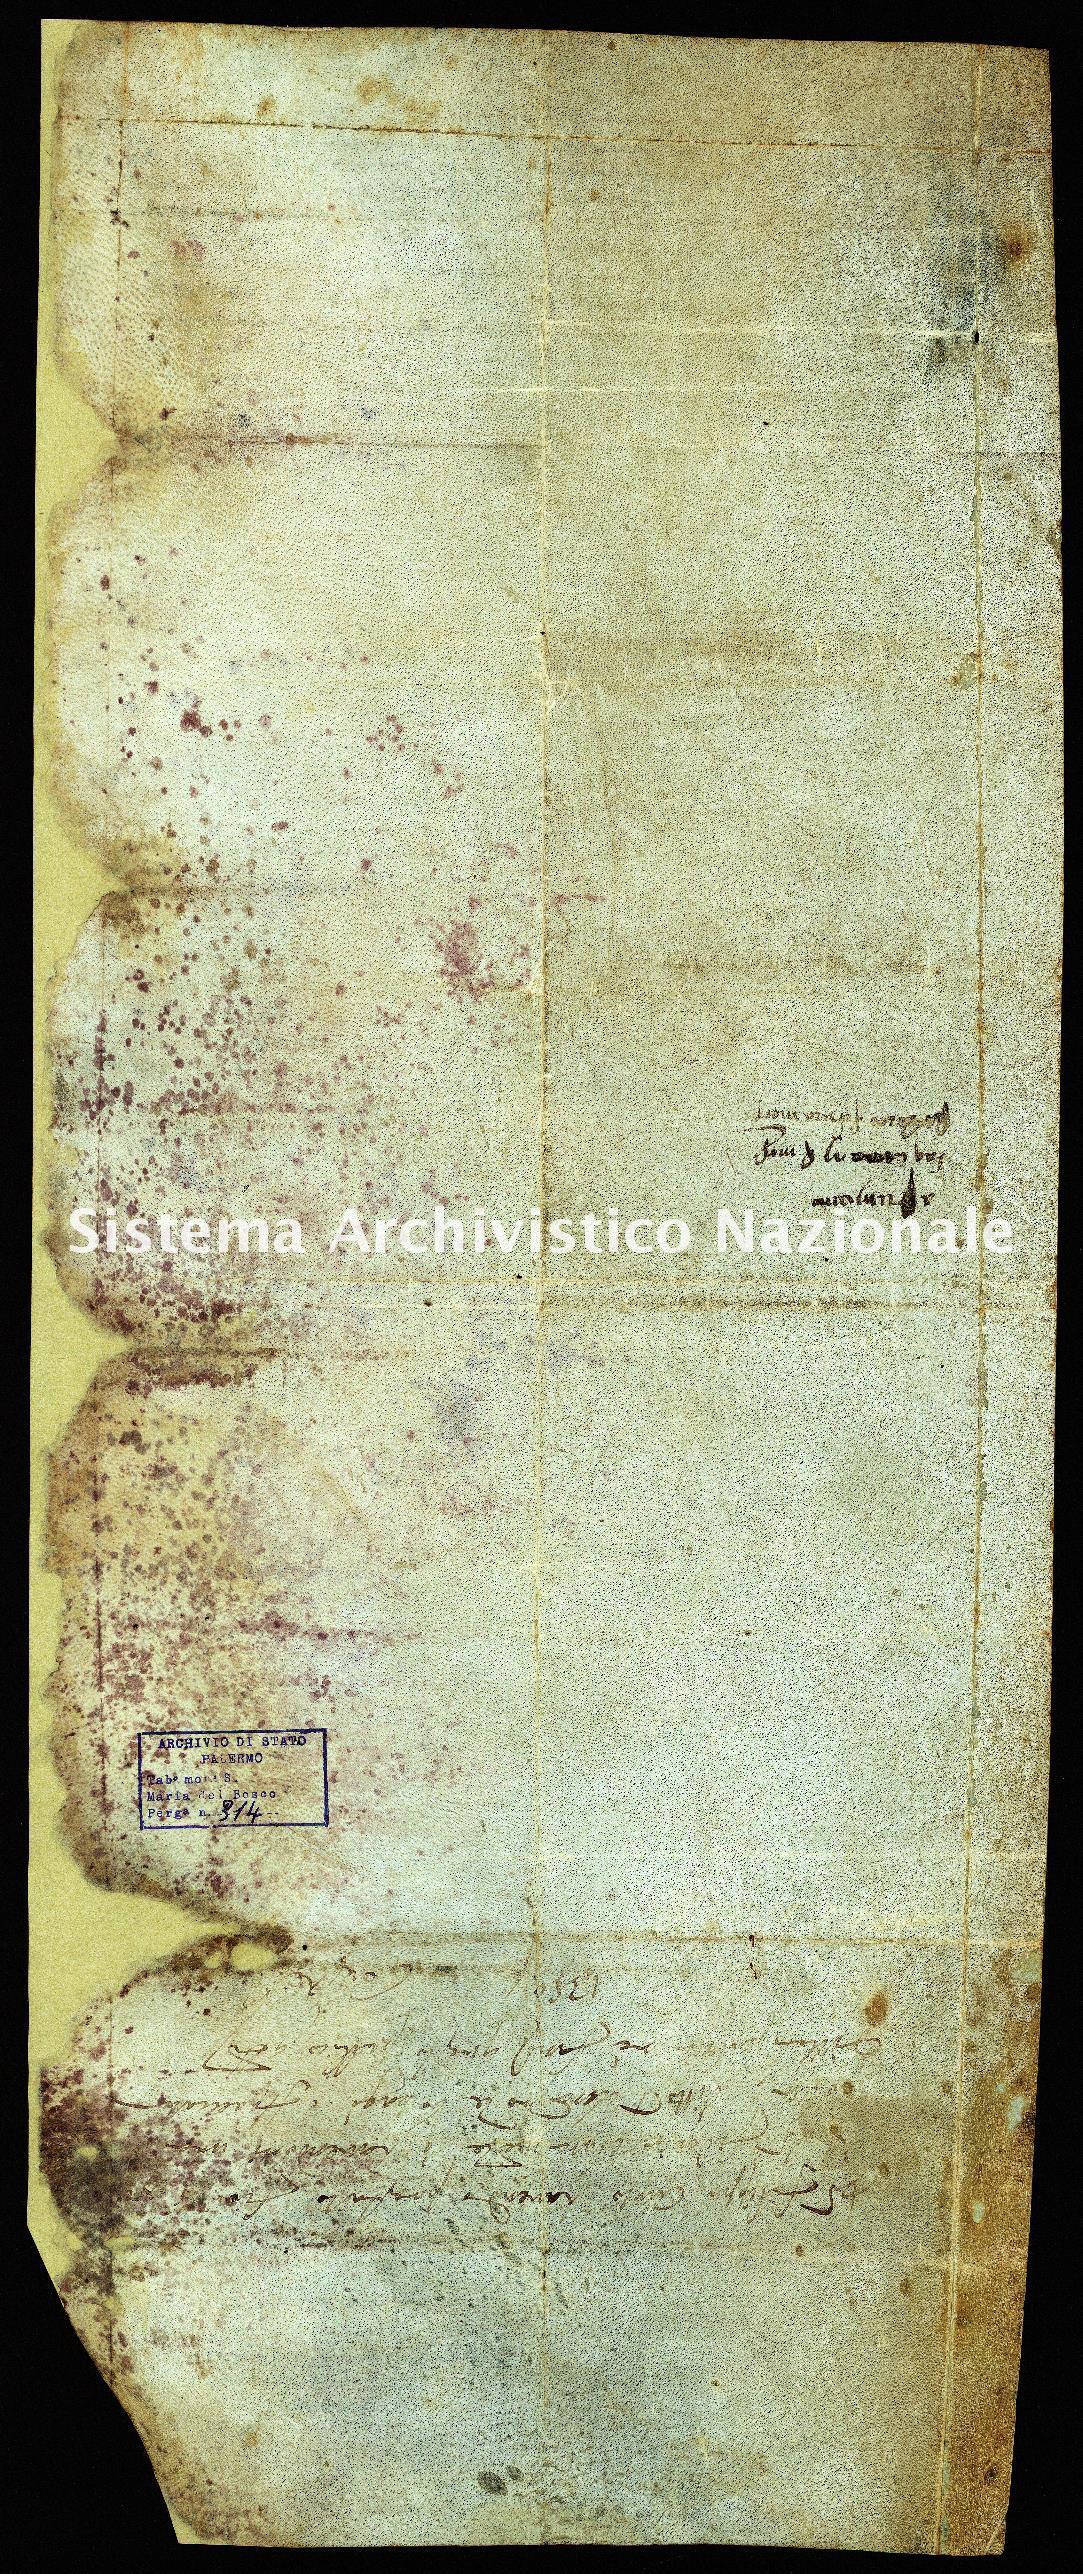 Archivio di Stato di Palermo, Diplomatico, Tabulario del monastero di Santa Maria del Bosco di Calatamauro, Pergamena TSMB 314